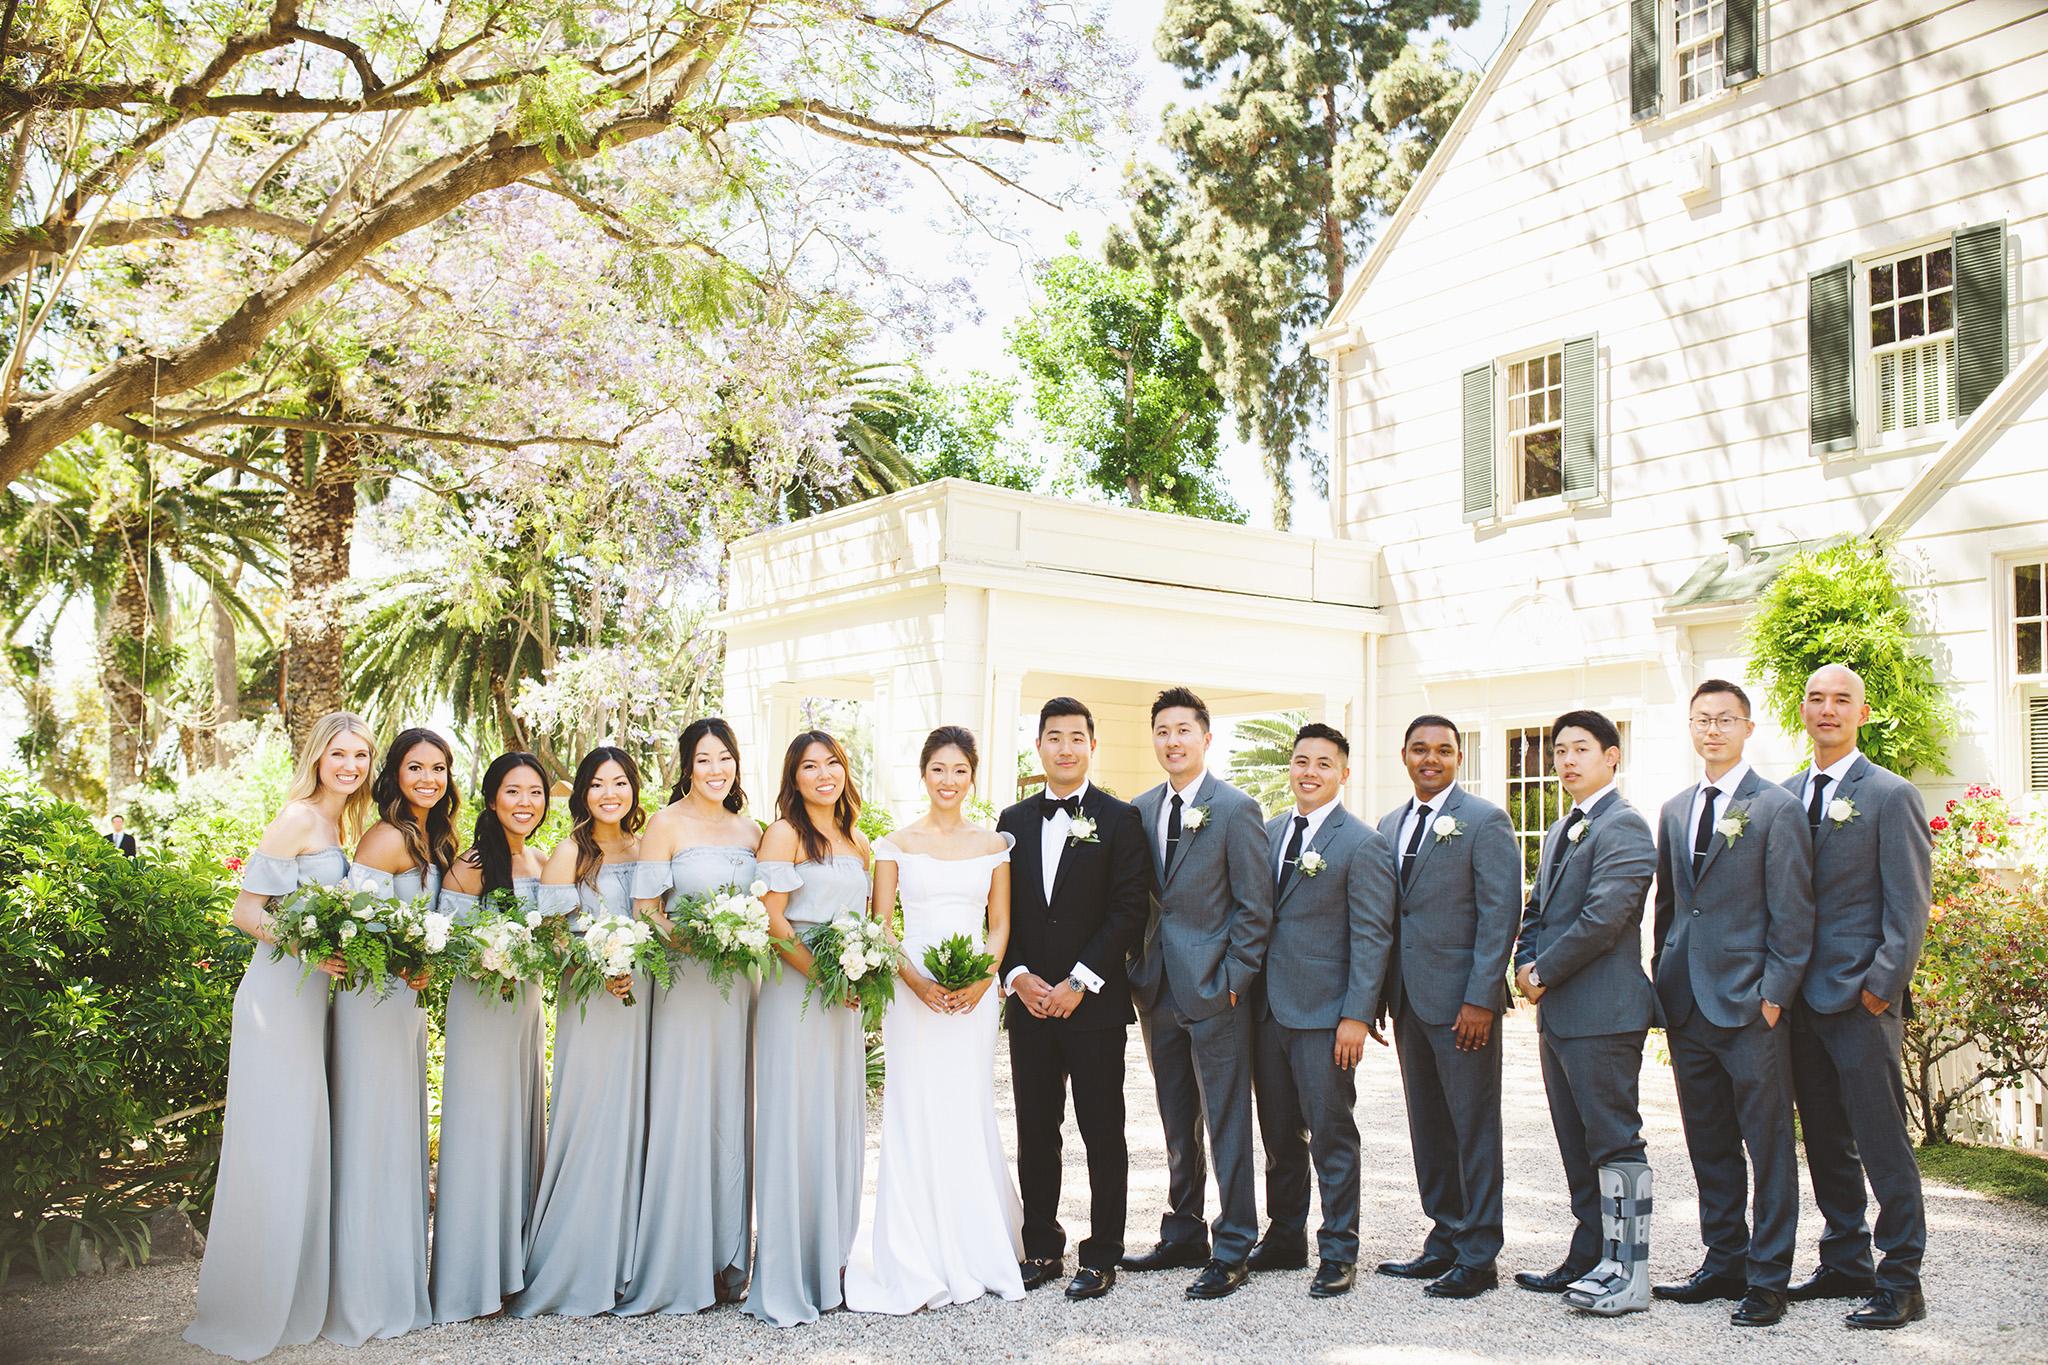 Los Angeles Outdoor wedding Venue. Garden wedding at McCormick Ranch